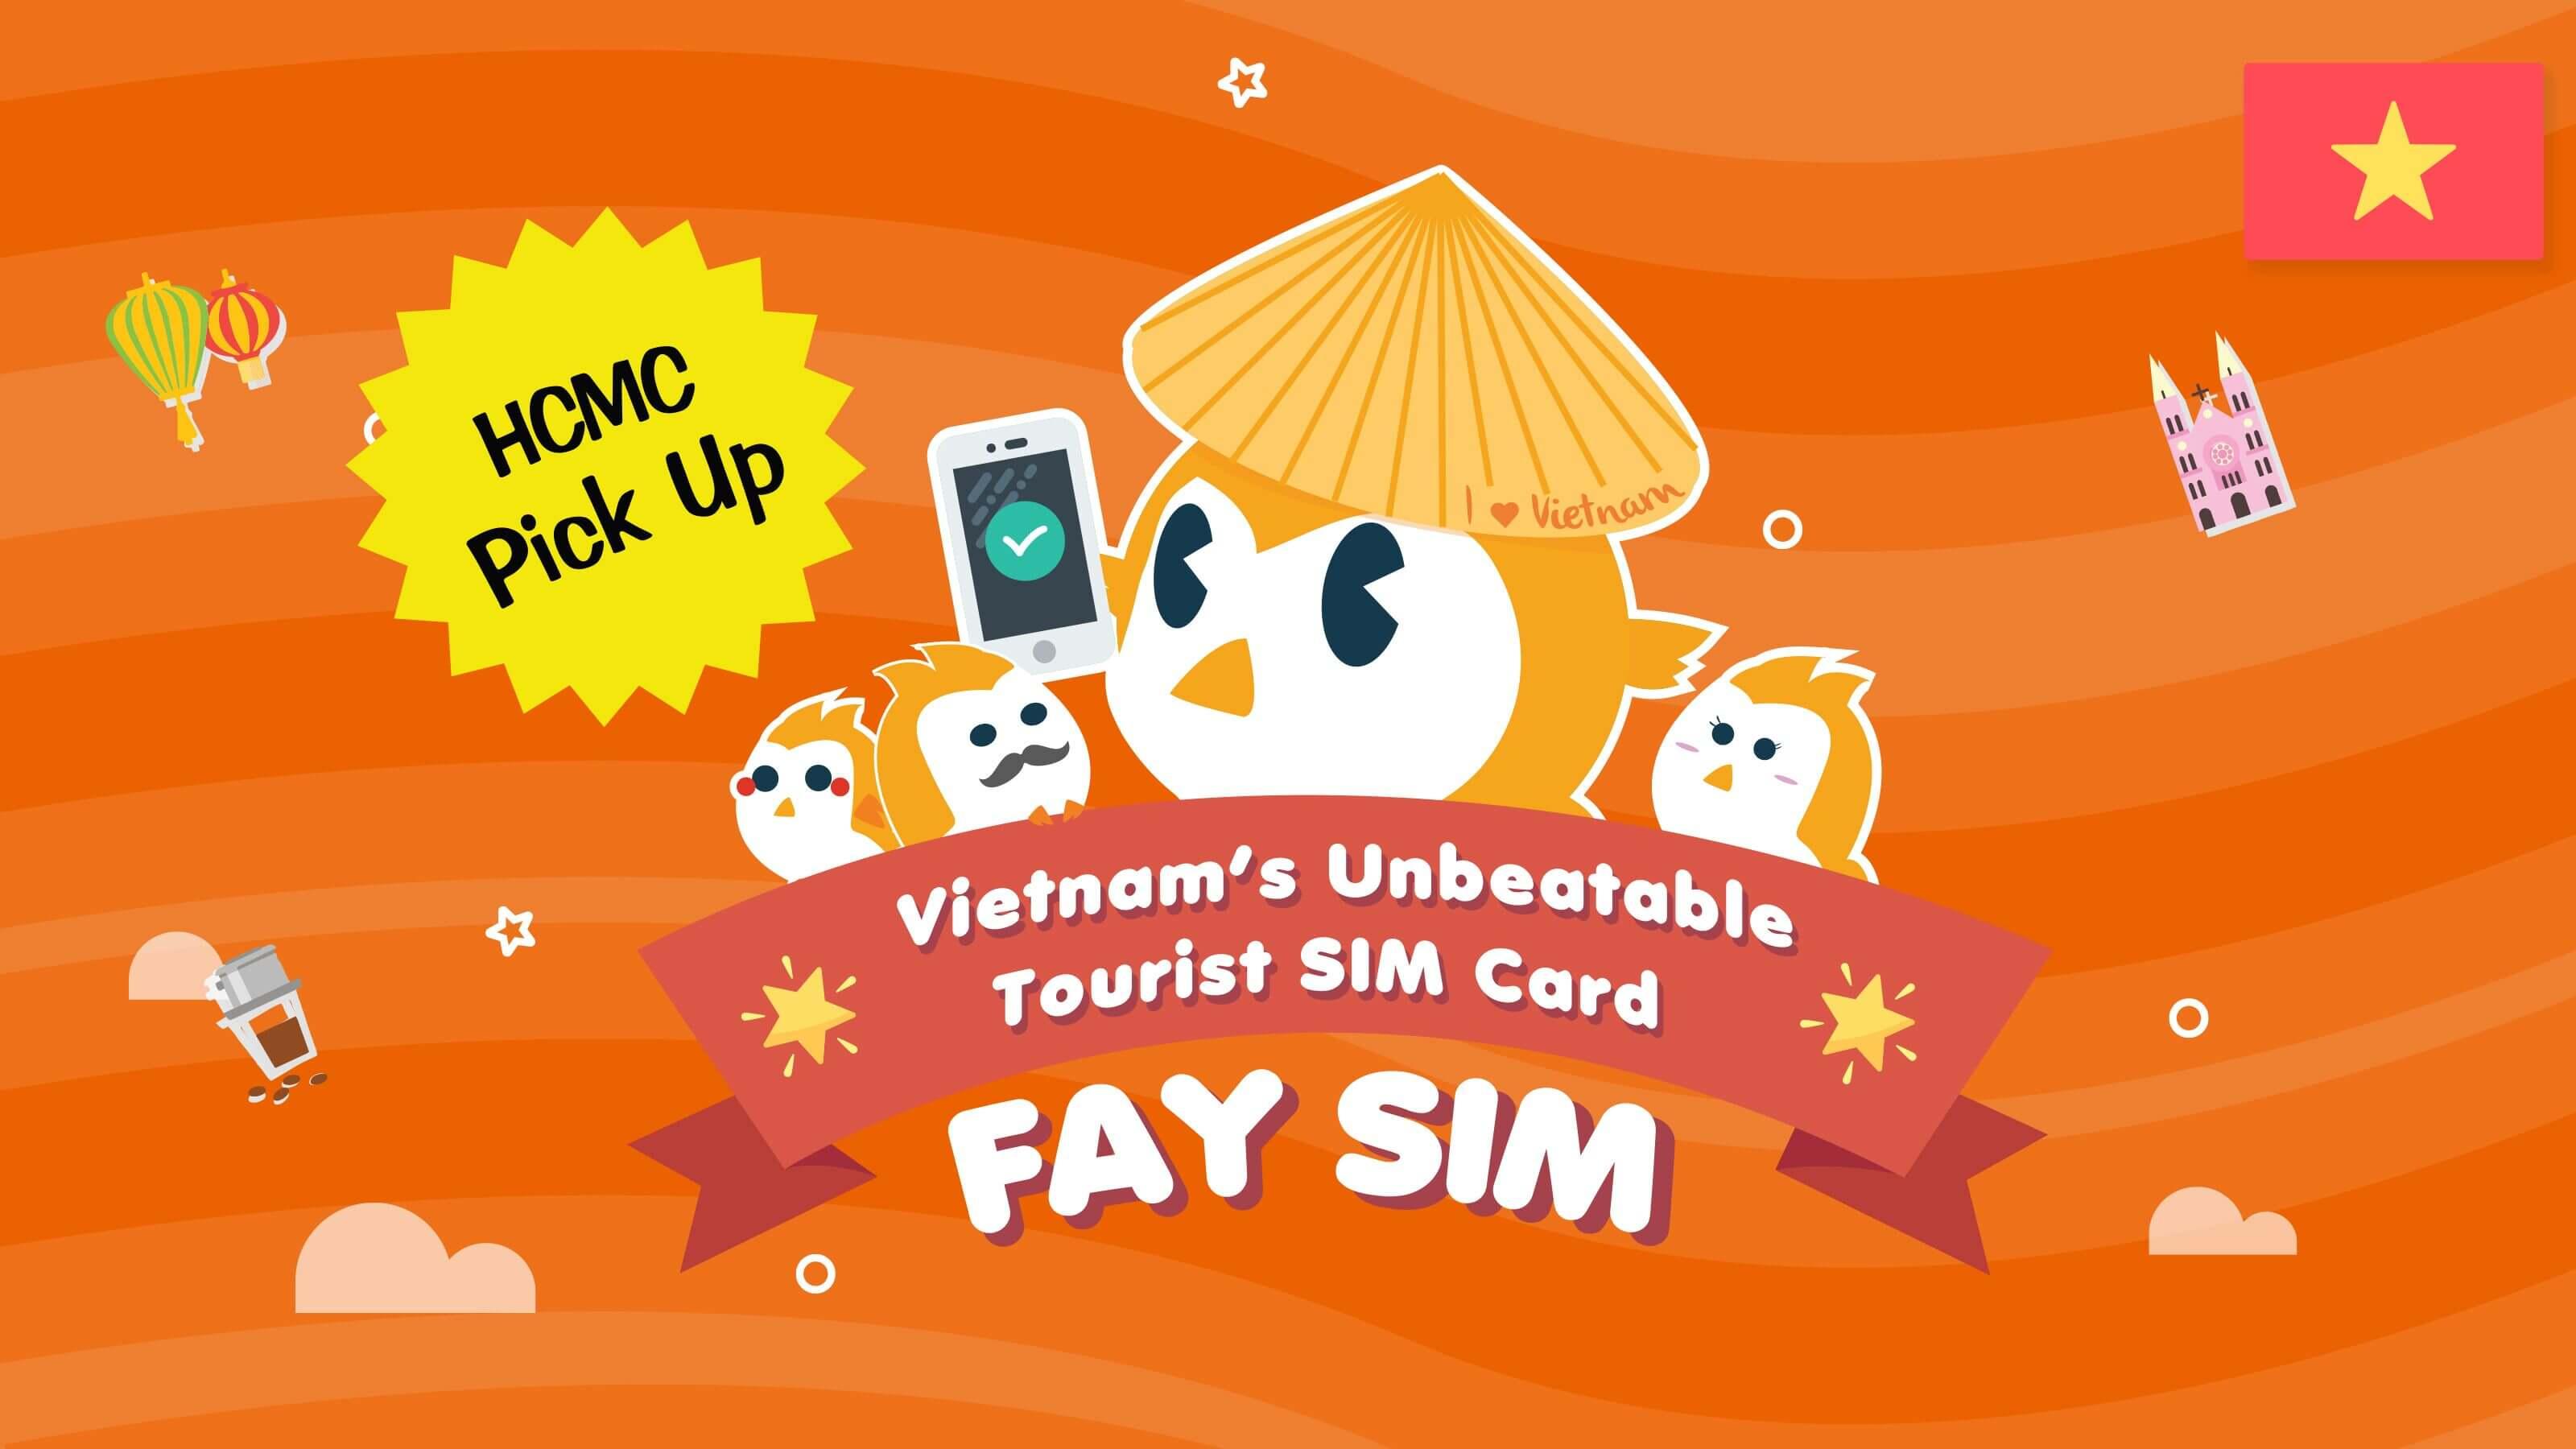 FAY SIM (HCMC Pick up)